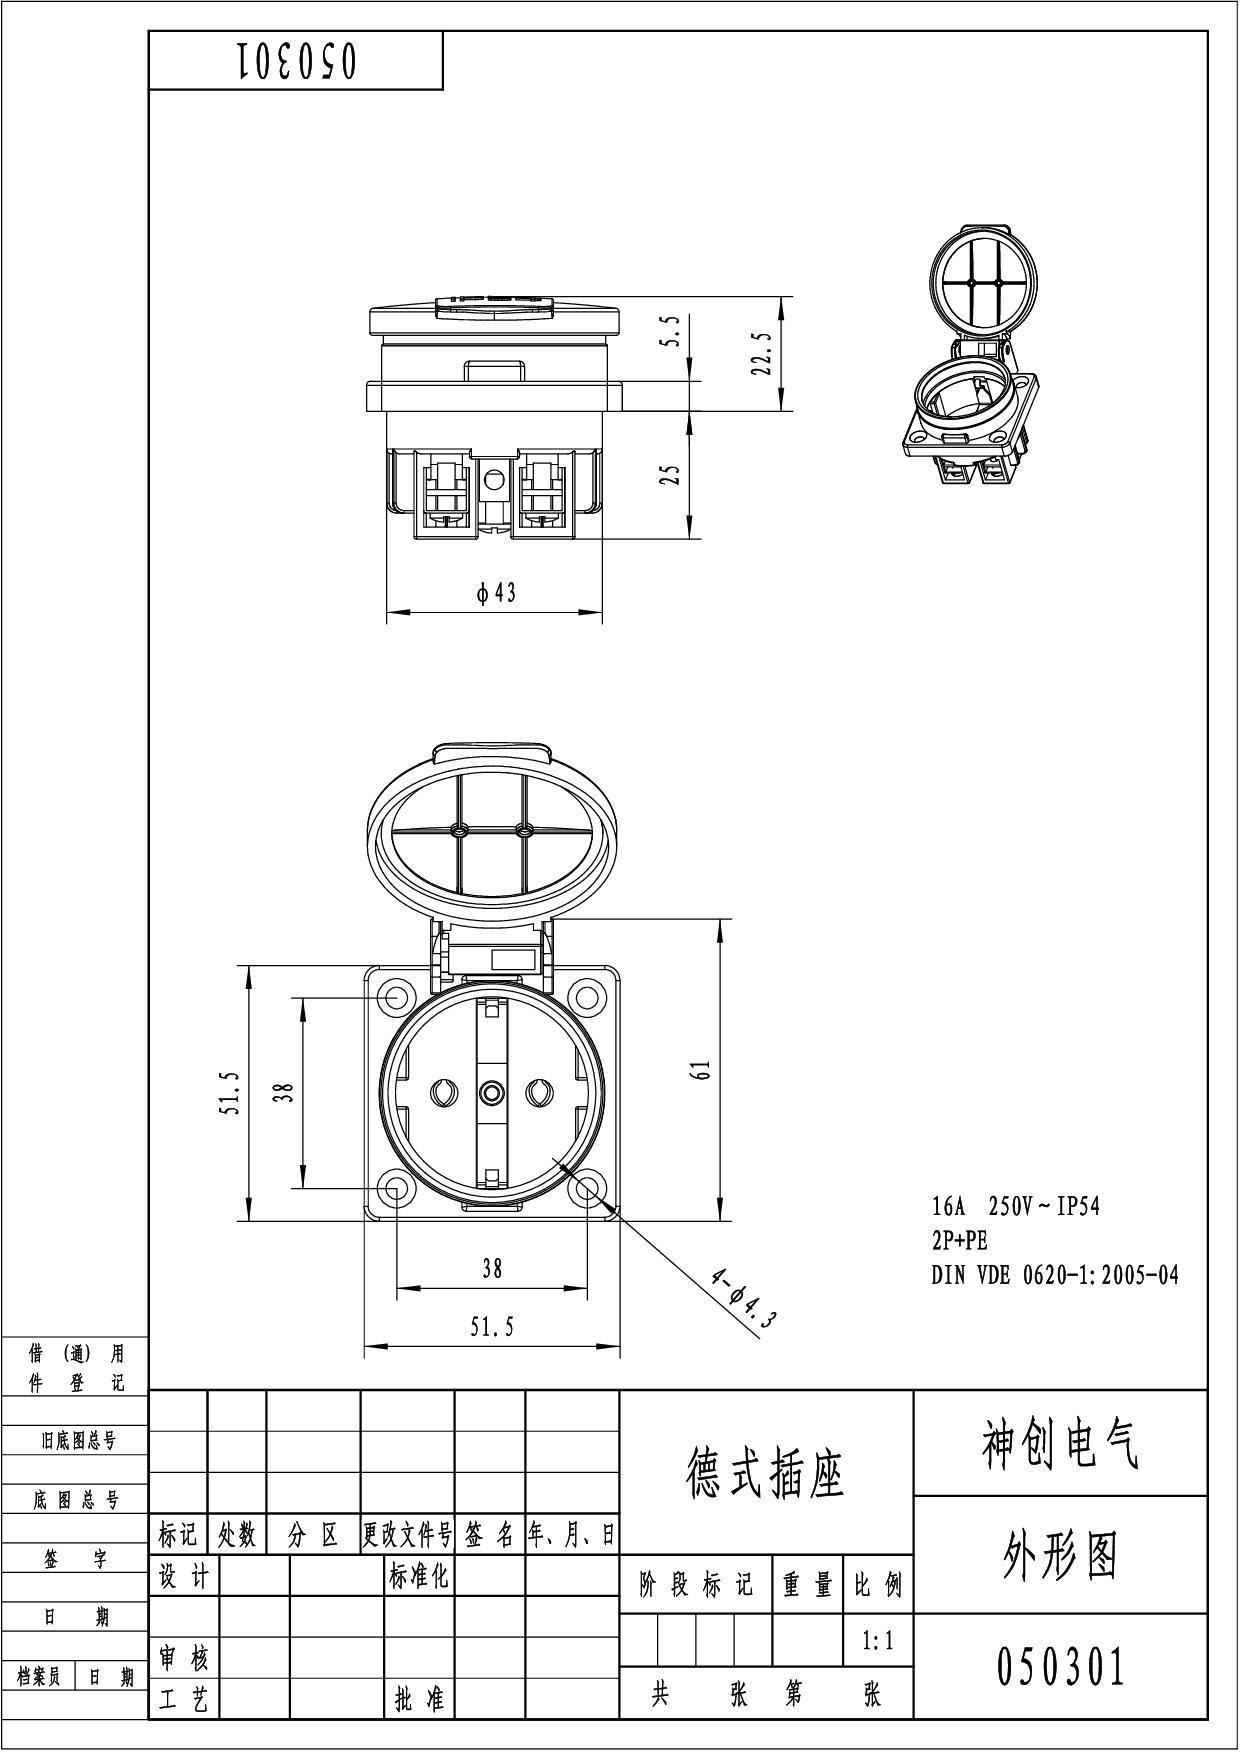 Diagram Pin Designations Of The 7